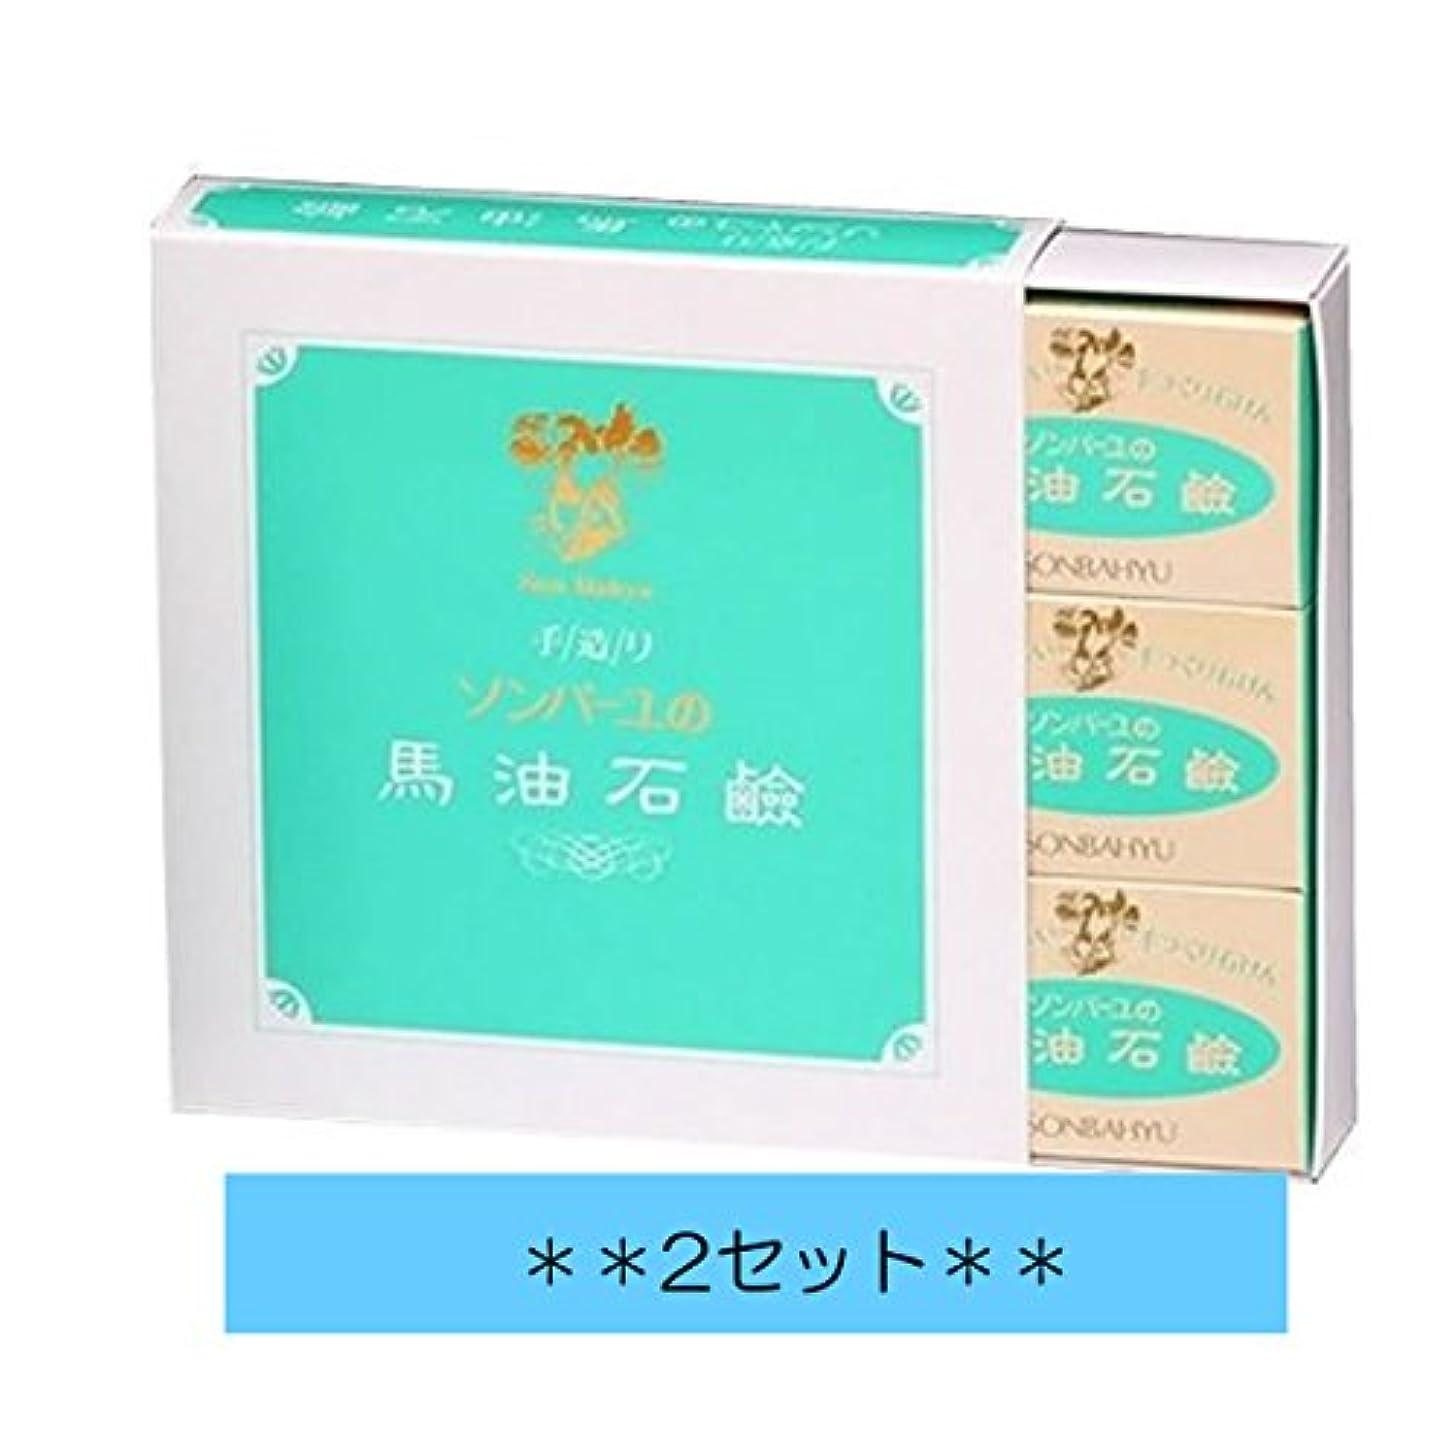 明るいバブル瀬戸際【2箱セット】ソンバーユ石鹸 85g×6個